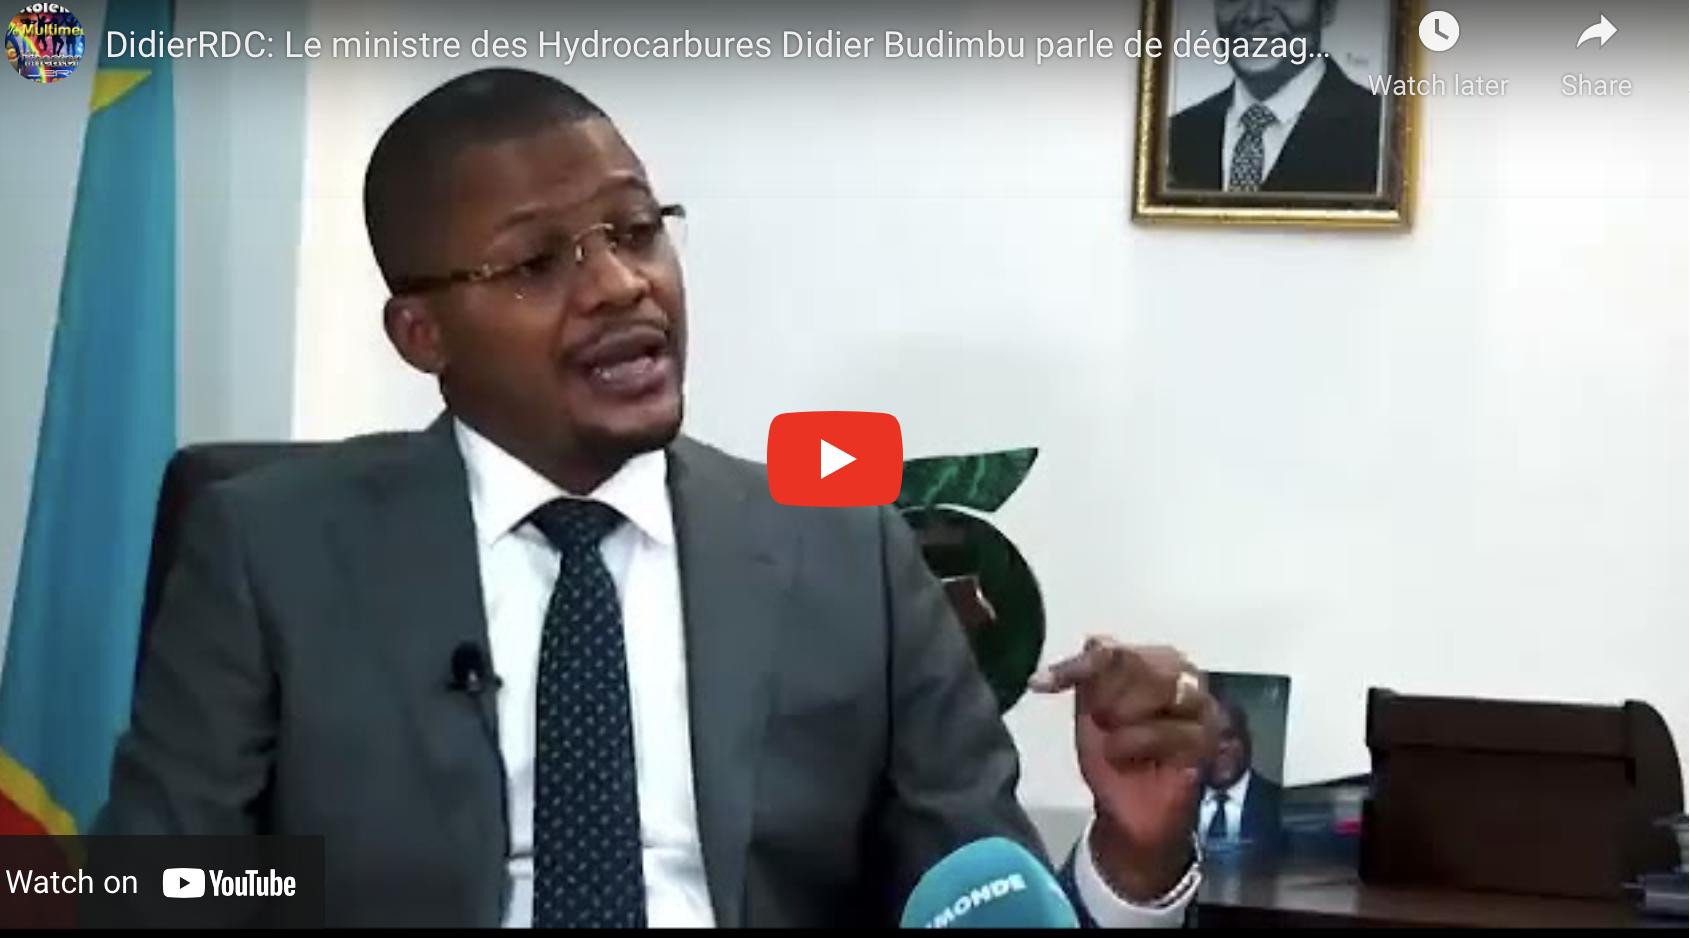 RDC: Le ministre des Hydrocarbures Didier Budimbu parle de dégazage du golf de kabuno.